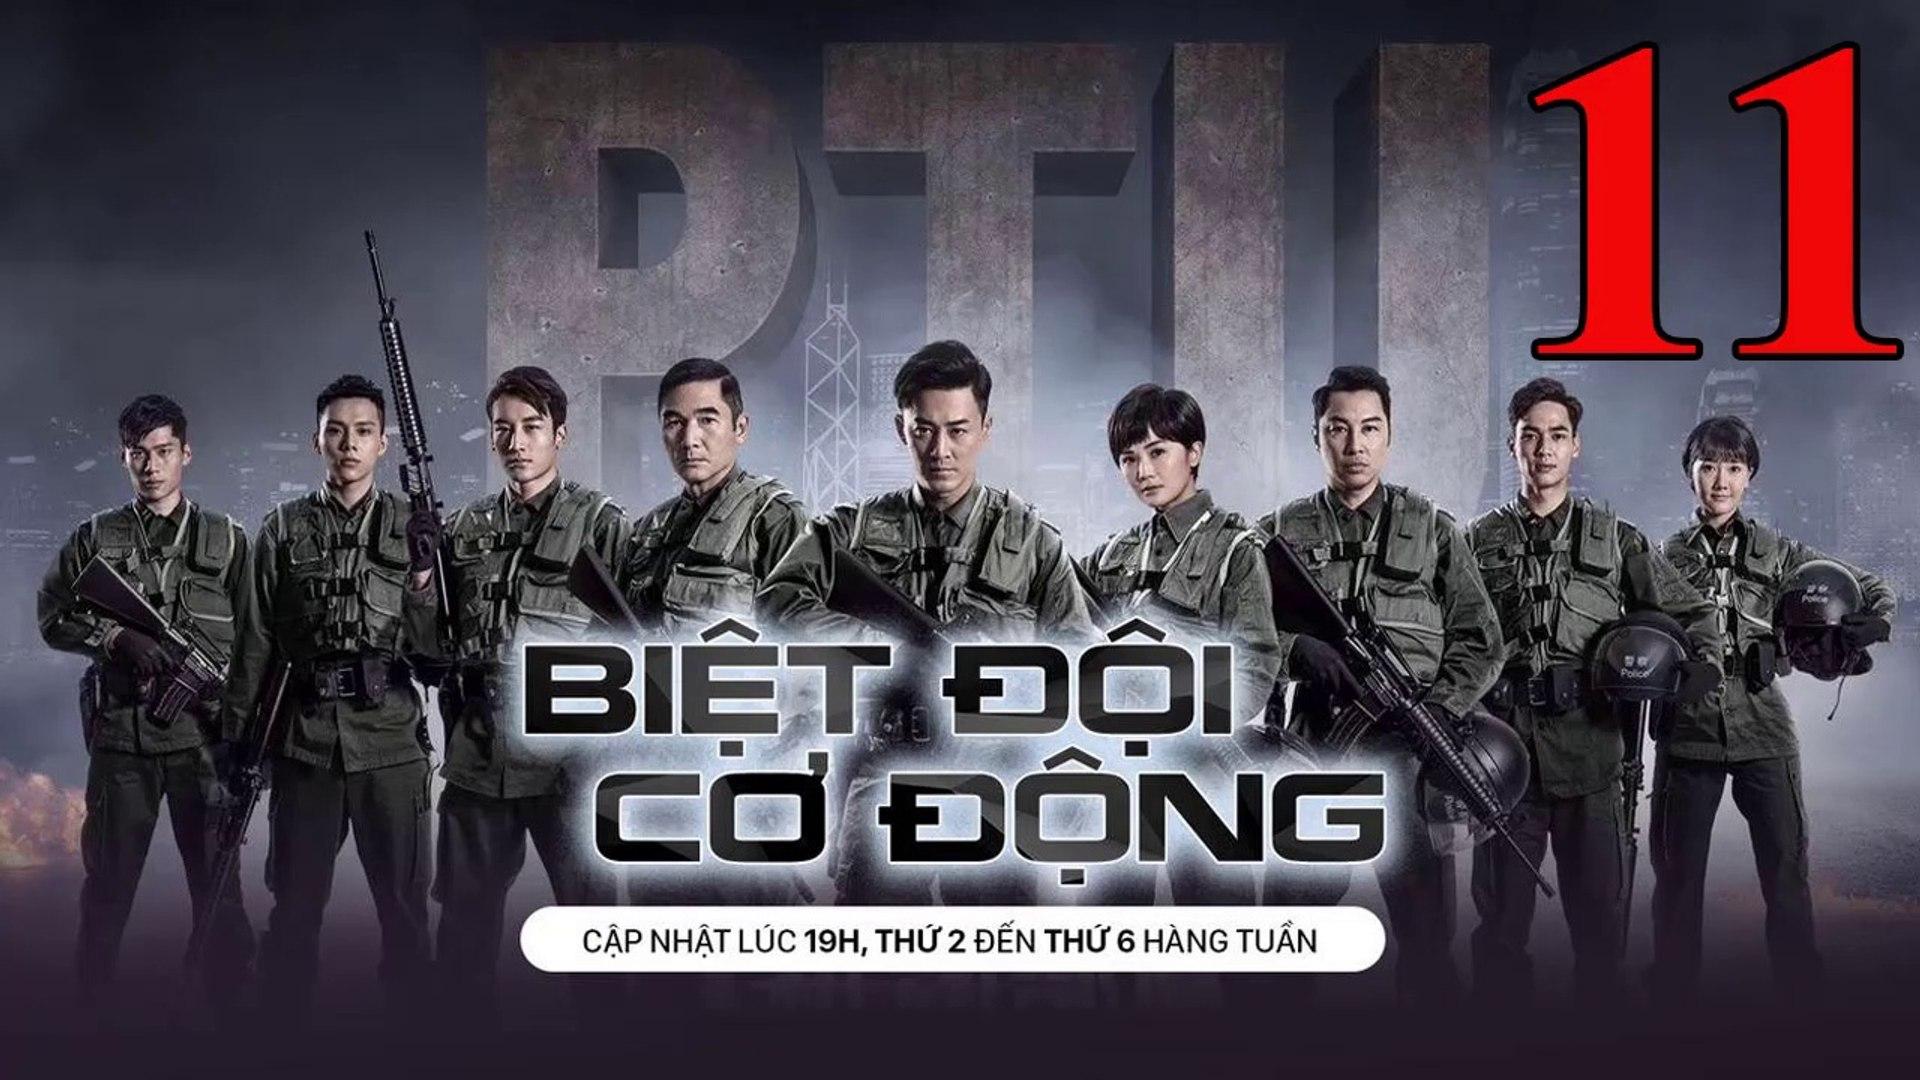 Phim Hành Động TVB: Biệt Đội Cơ Động Tập 11 Vietsub | 机动部队 Police Tactical Unit Ep.11  HD 2019